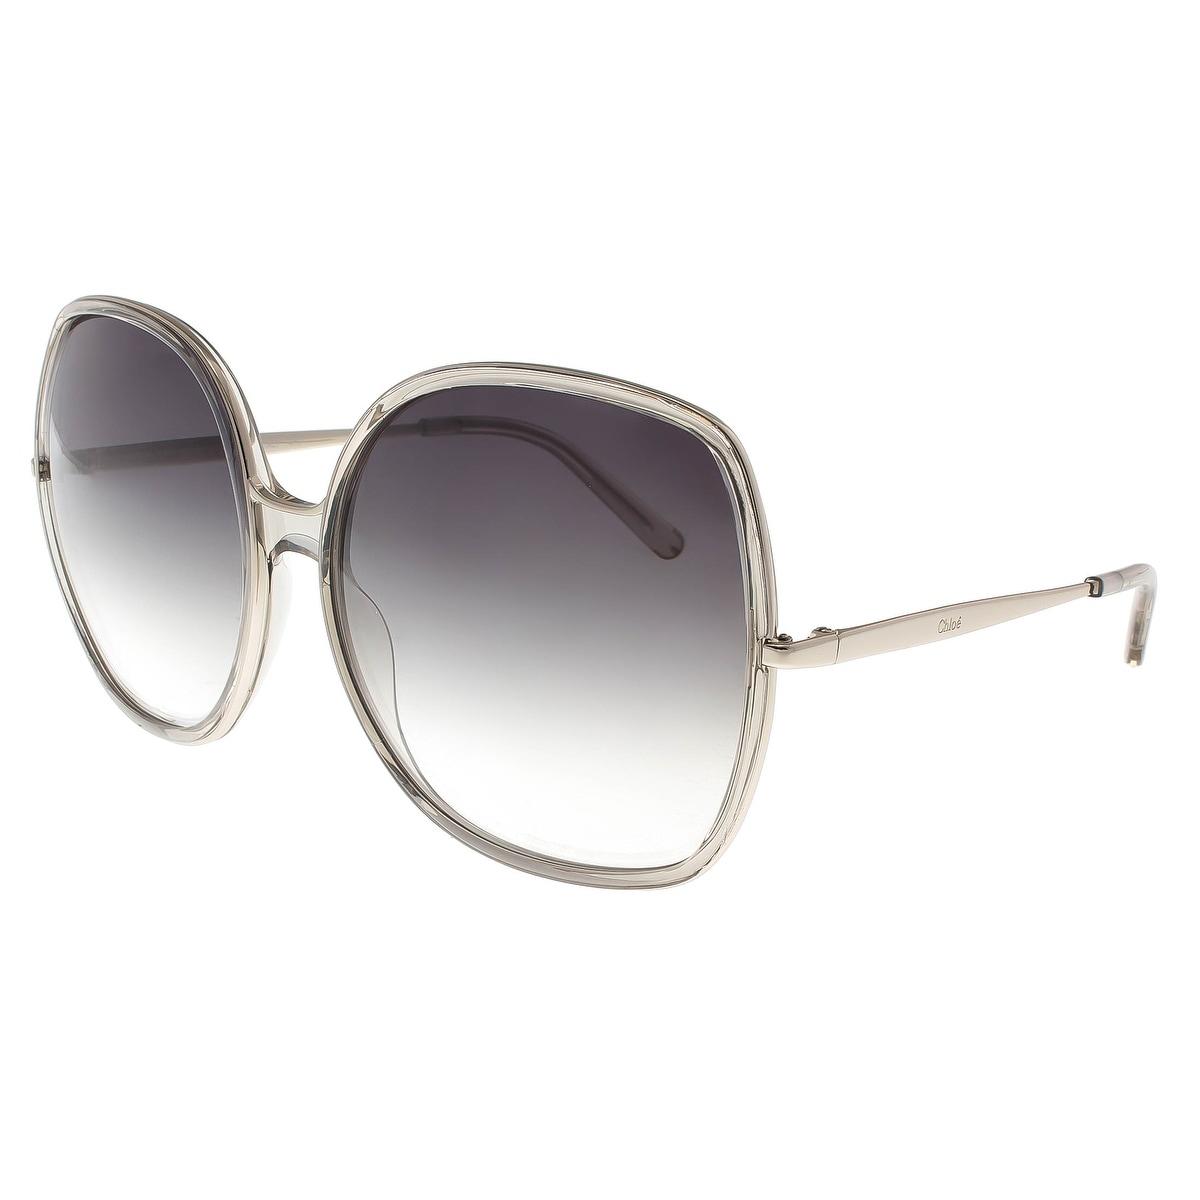 8a7880dd0c5 Shop Chloe CE725 S 272 Turtledove Square Sunglasses - 62-17-135 ...